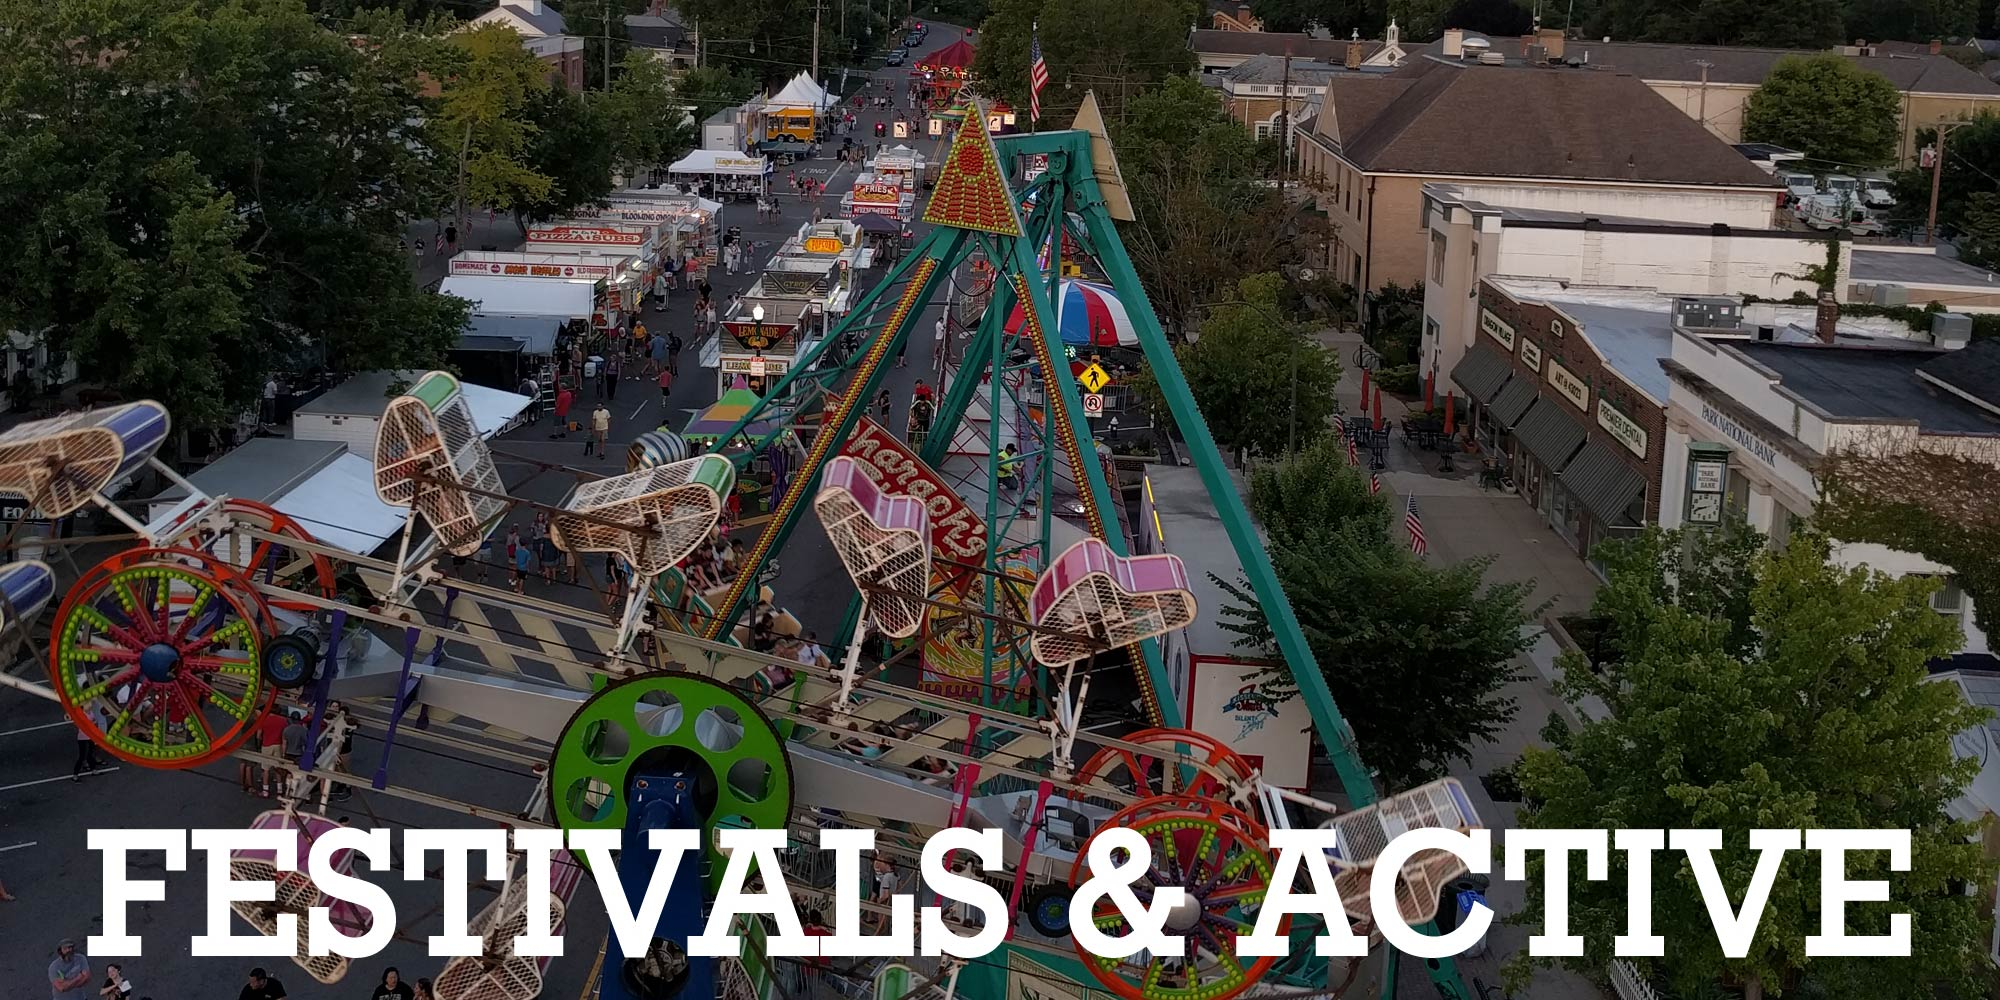 Festivals & Active - Licking County Event Calendar